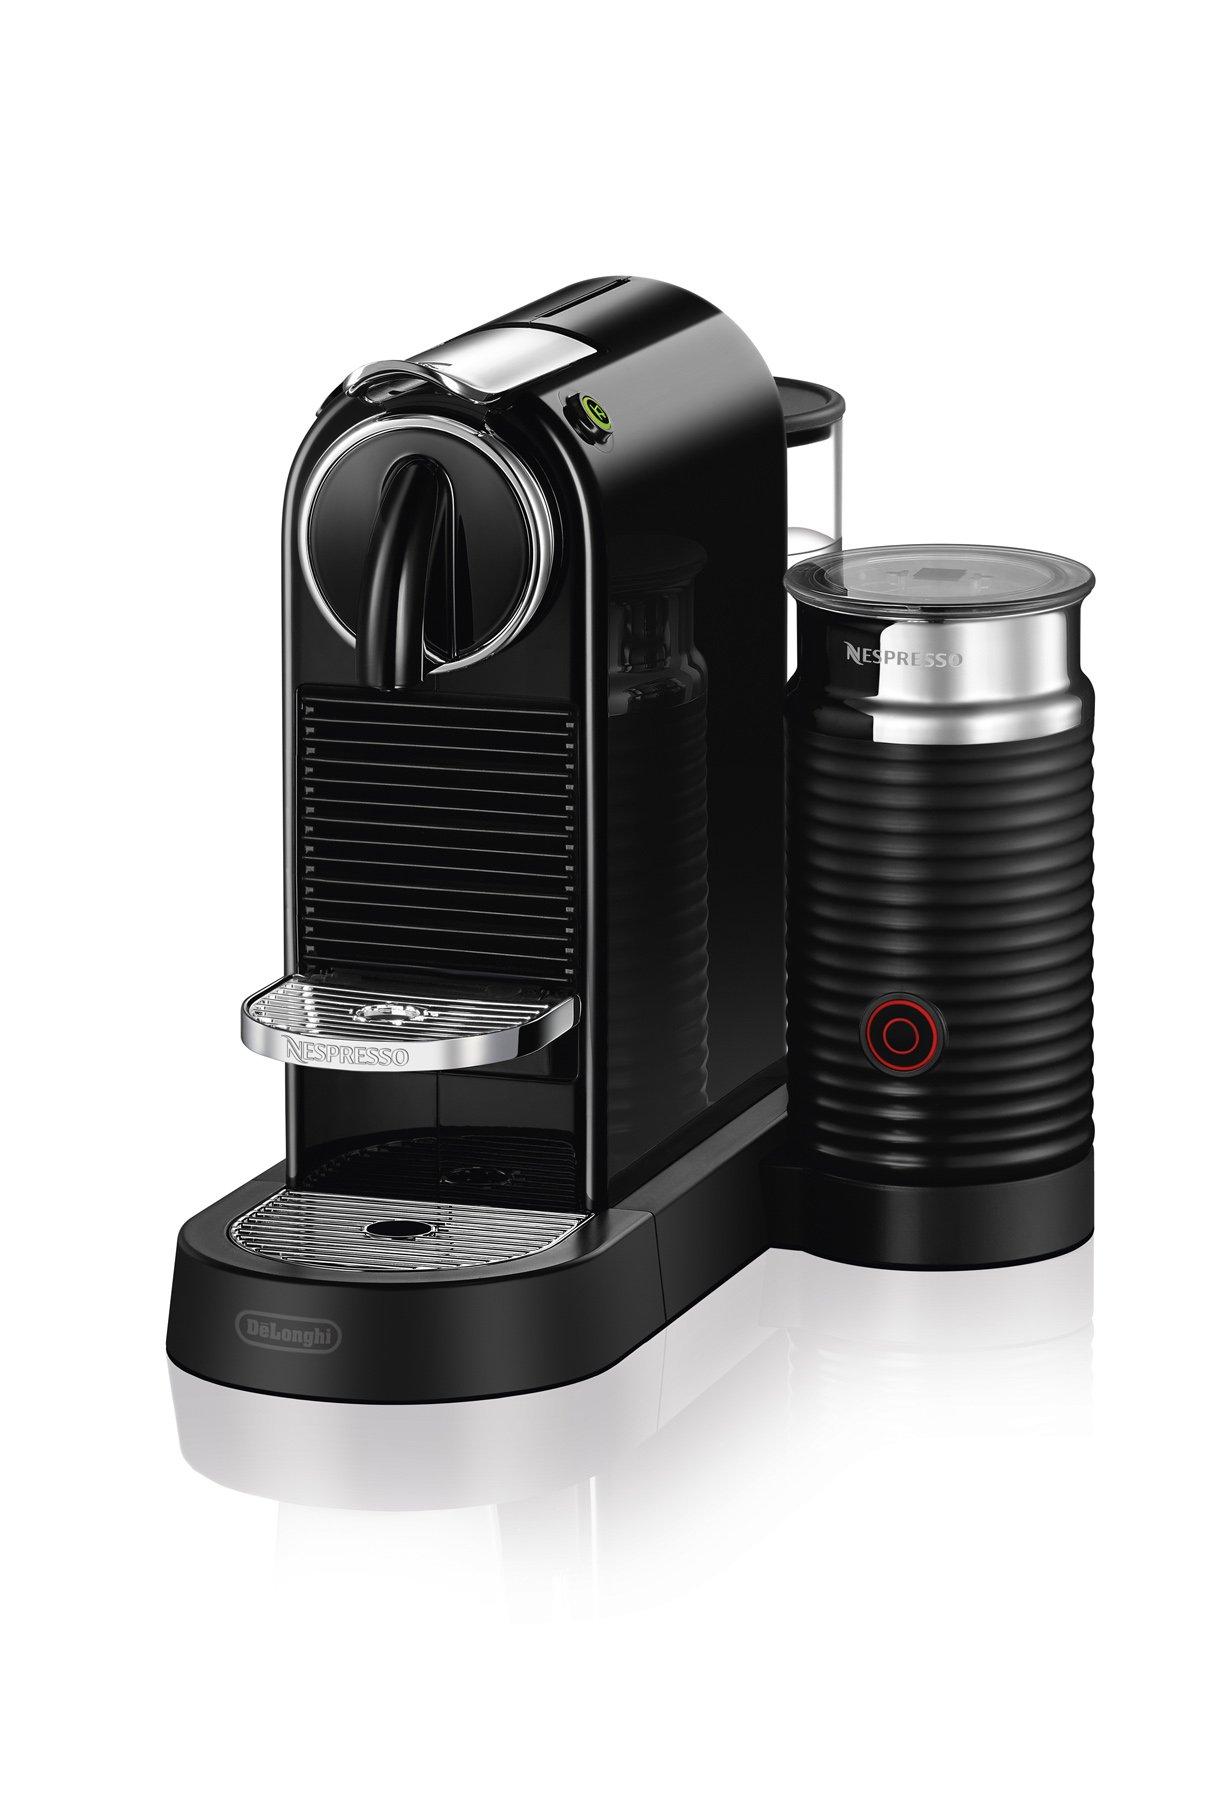 Nespresso by De'Longhi EN267BAE Original Espresso Machine Bundle with Aeroccino Milk Frother by De'Longhi, Black by Nespresso by De'Longhi